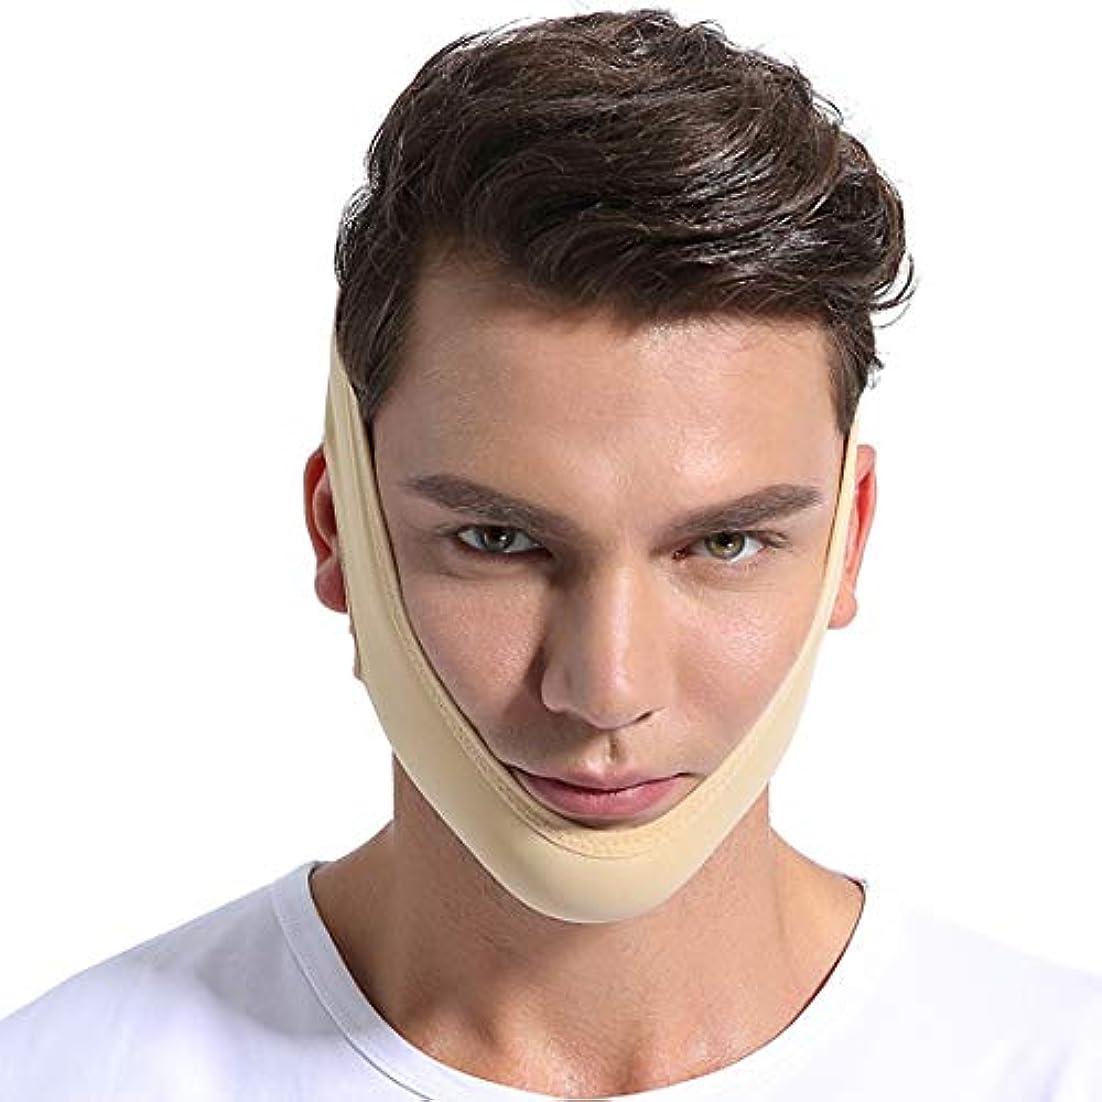 オーラルシャンパン窓を洗うZWBD フェイスマスク, 薄い顔包帯医療フェイスライン彫刻術後回復リフティングマスク男性の女性の顔包帯ヘッドギアv顔薄い顔アーティファクト